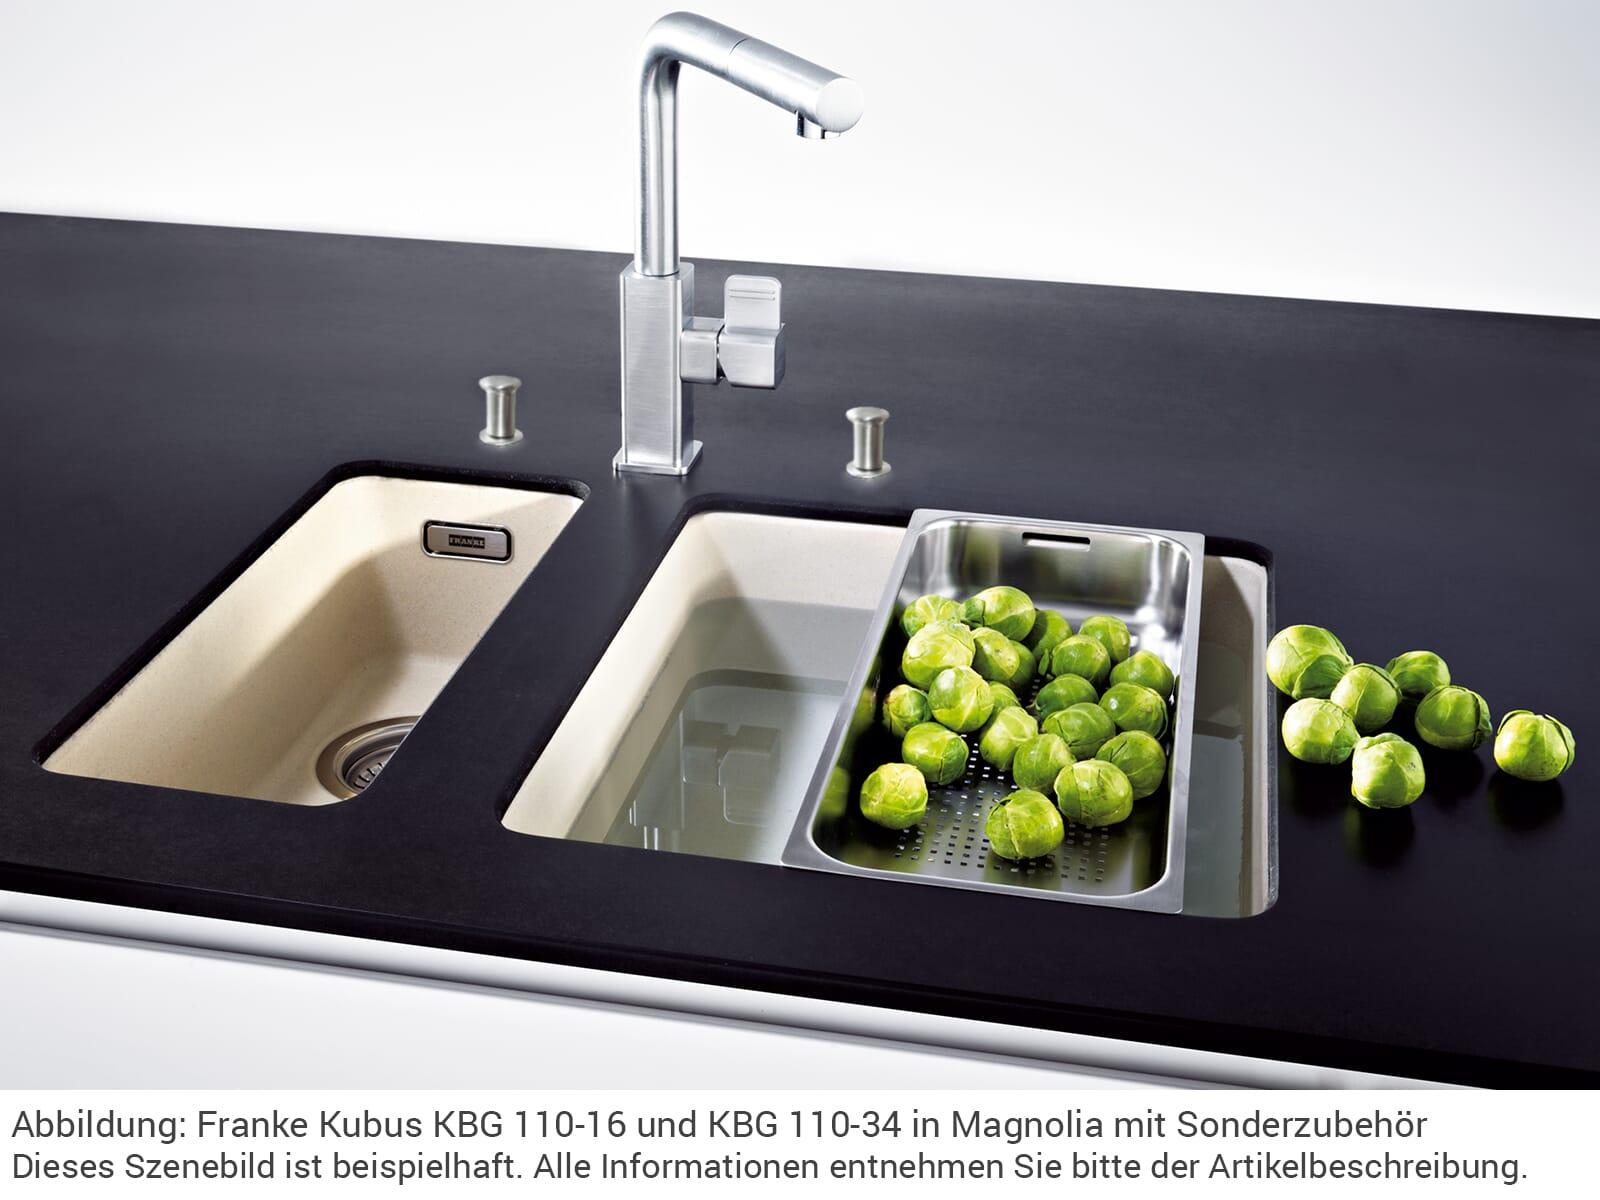 Franke Kubus KBG 110-16 Graphit - 125.0023.843 Granitspüle